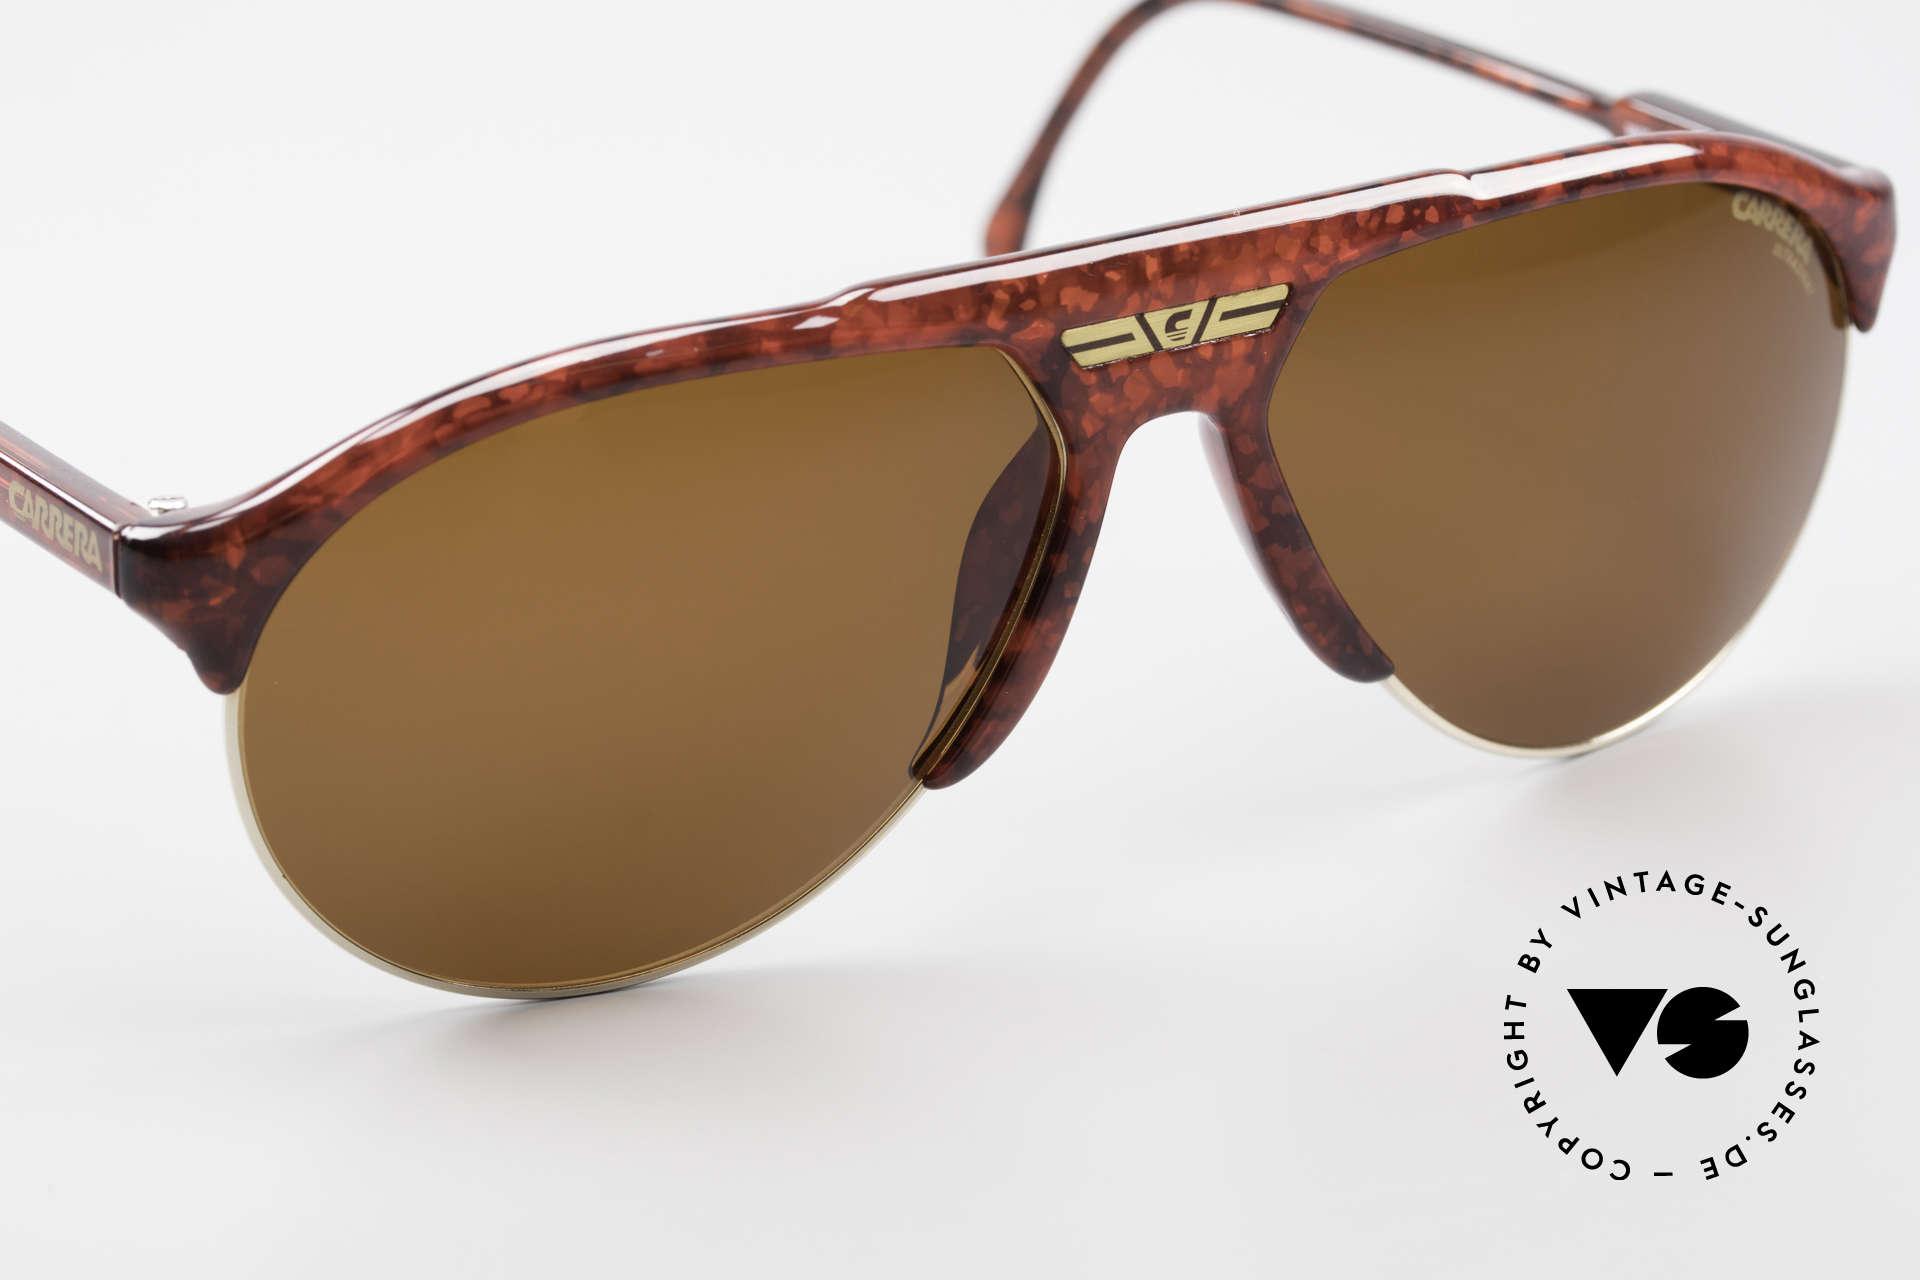 Carrera 5444 Wide Aviator Sunglasses 90's, NO RETRO sunglasses, but a 20 years old ORIGINAL, Made for Men